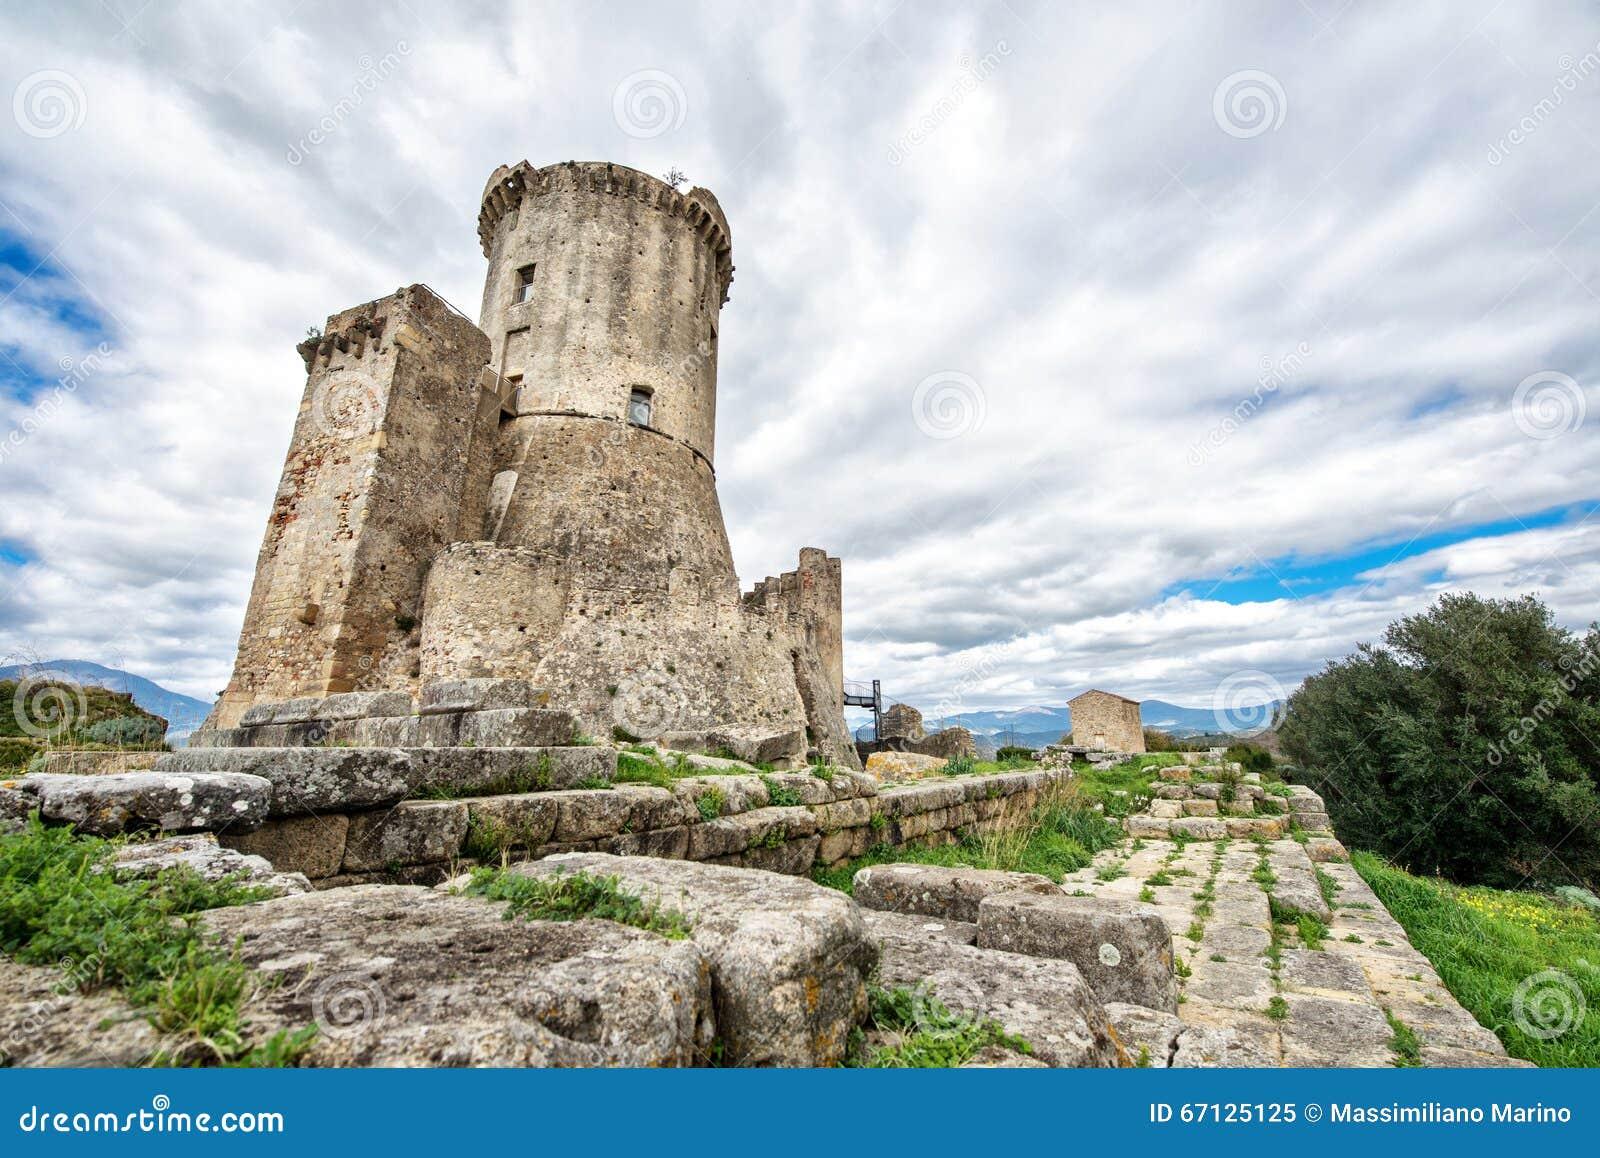 Elea Velia en épocas romanas, es una ciudad antigua de Magna Grecia